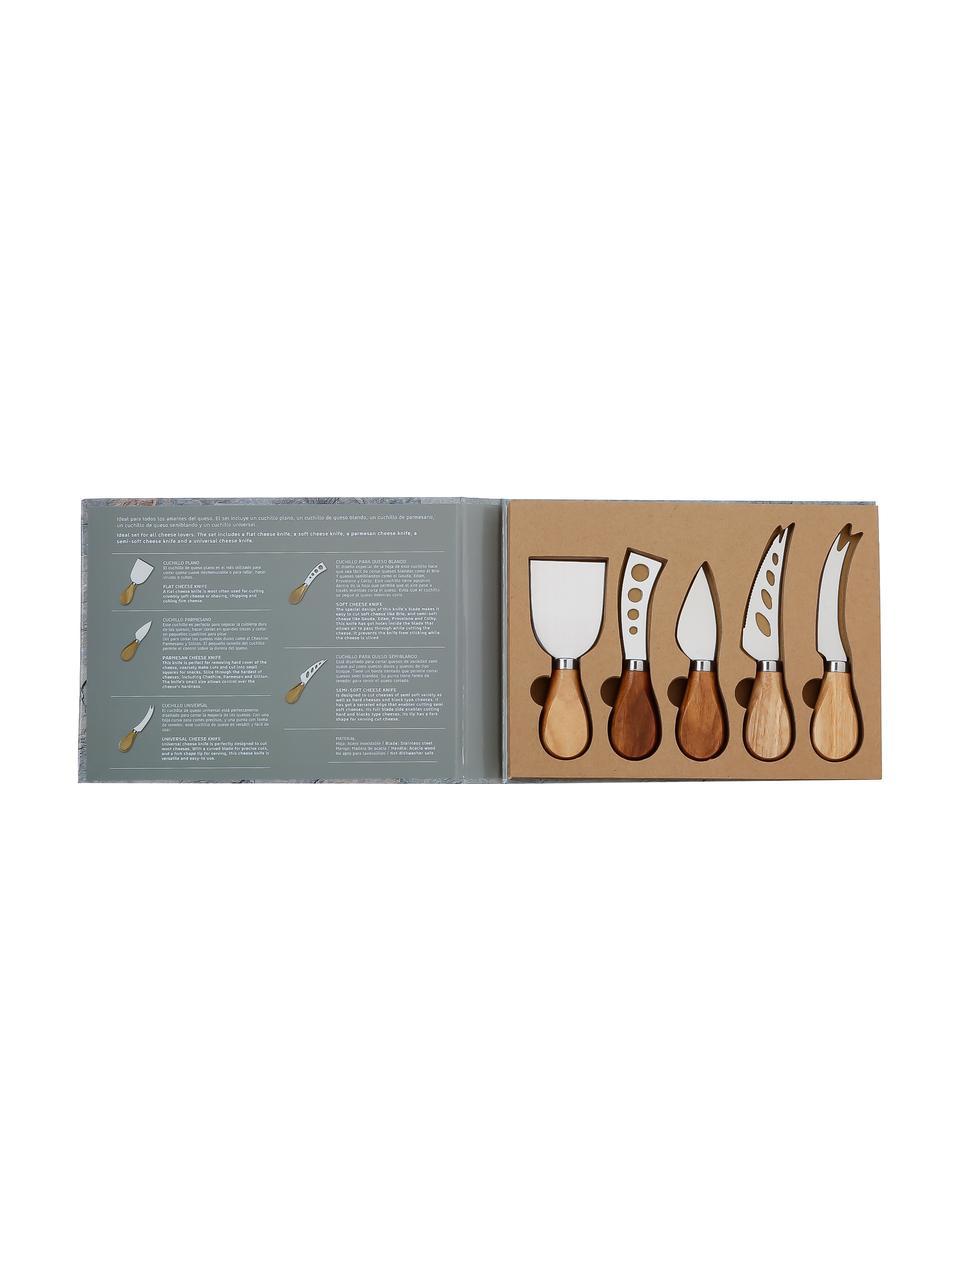 Zilverkleurige kaasmessenset Frija van edelstaal met acaciahouten handvat, 5-delig, Handvatten: acaciahout, Acaciahoutkleurig, edelstaalkleurig, Set met verschillende formaten